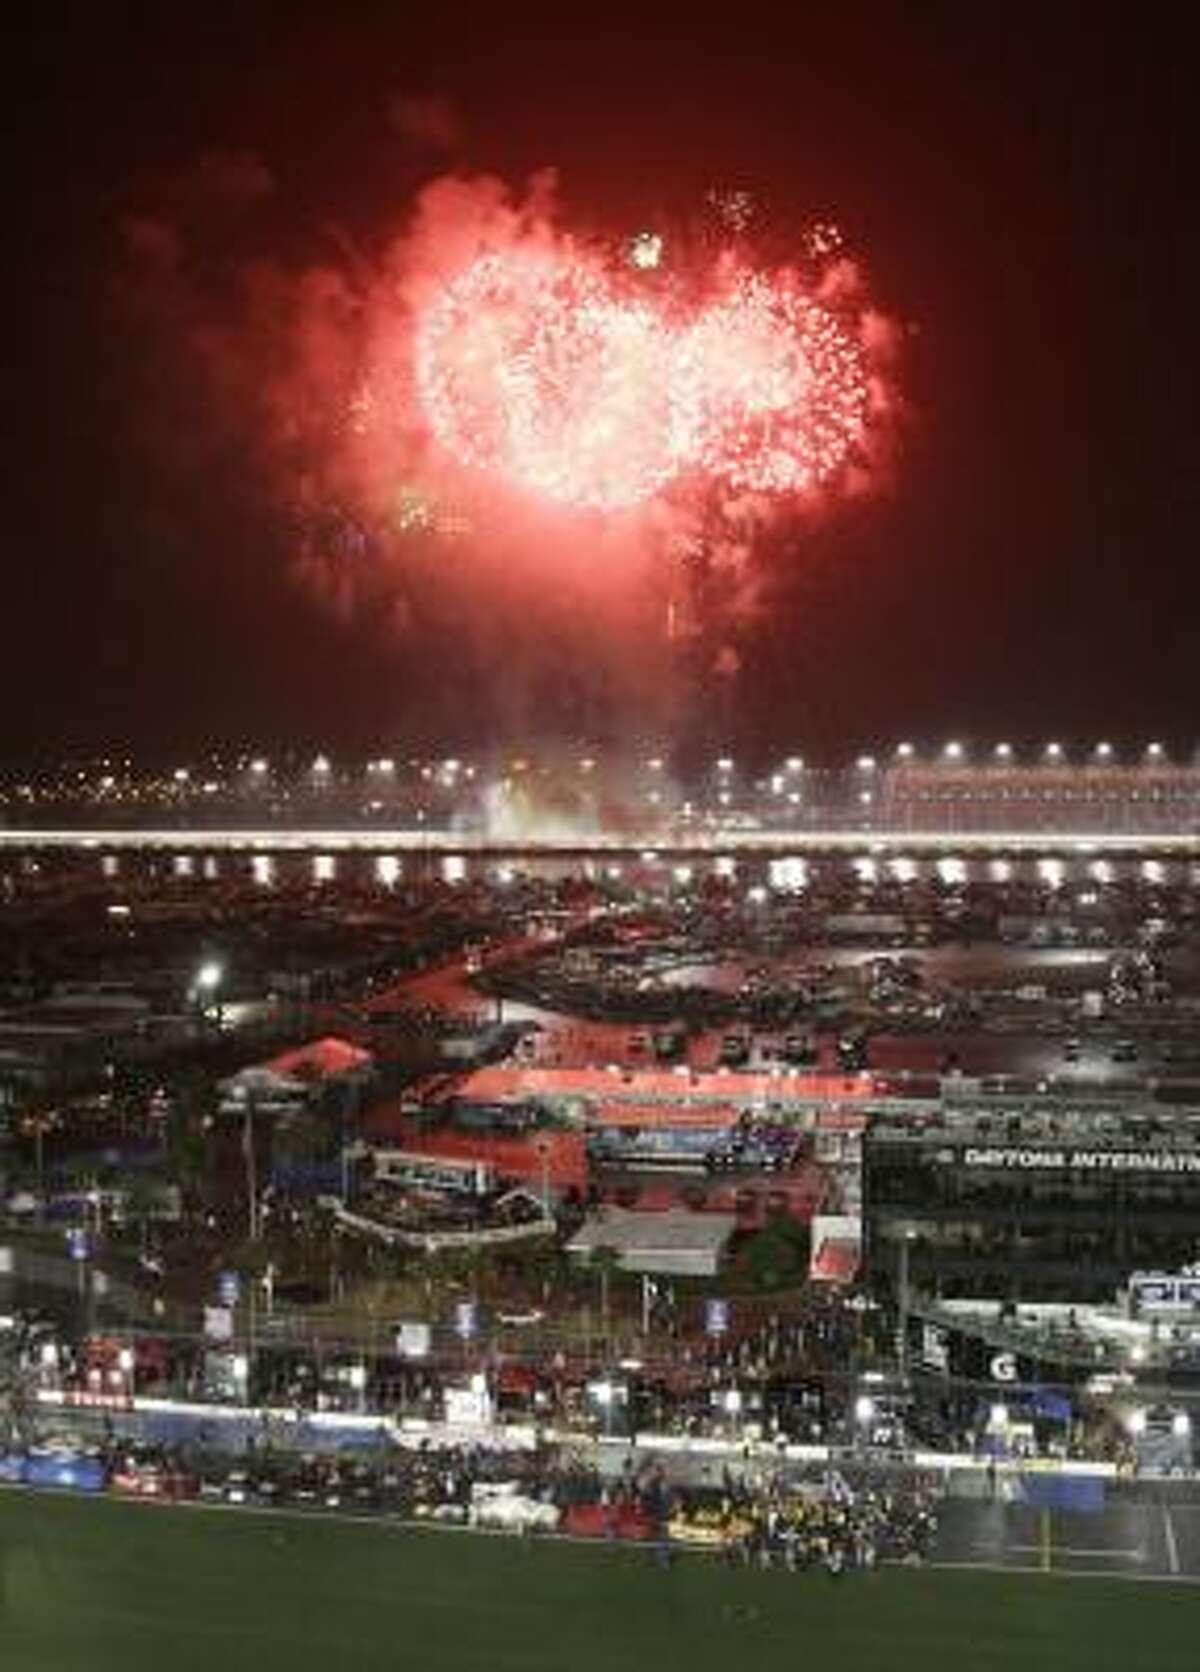 Fireworks light up the sky after Matt Kenseth's win.